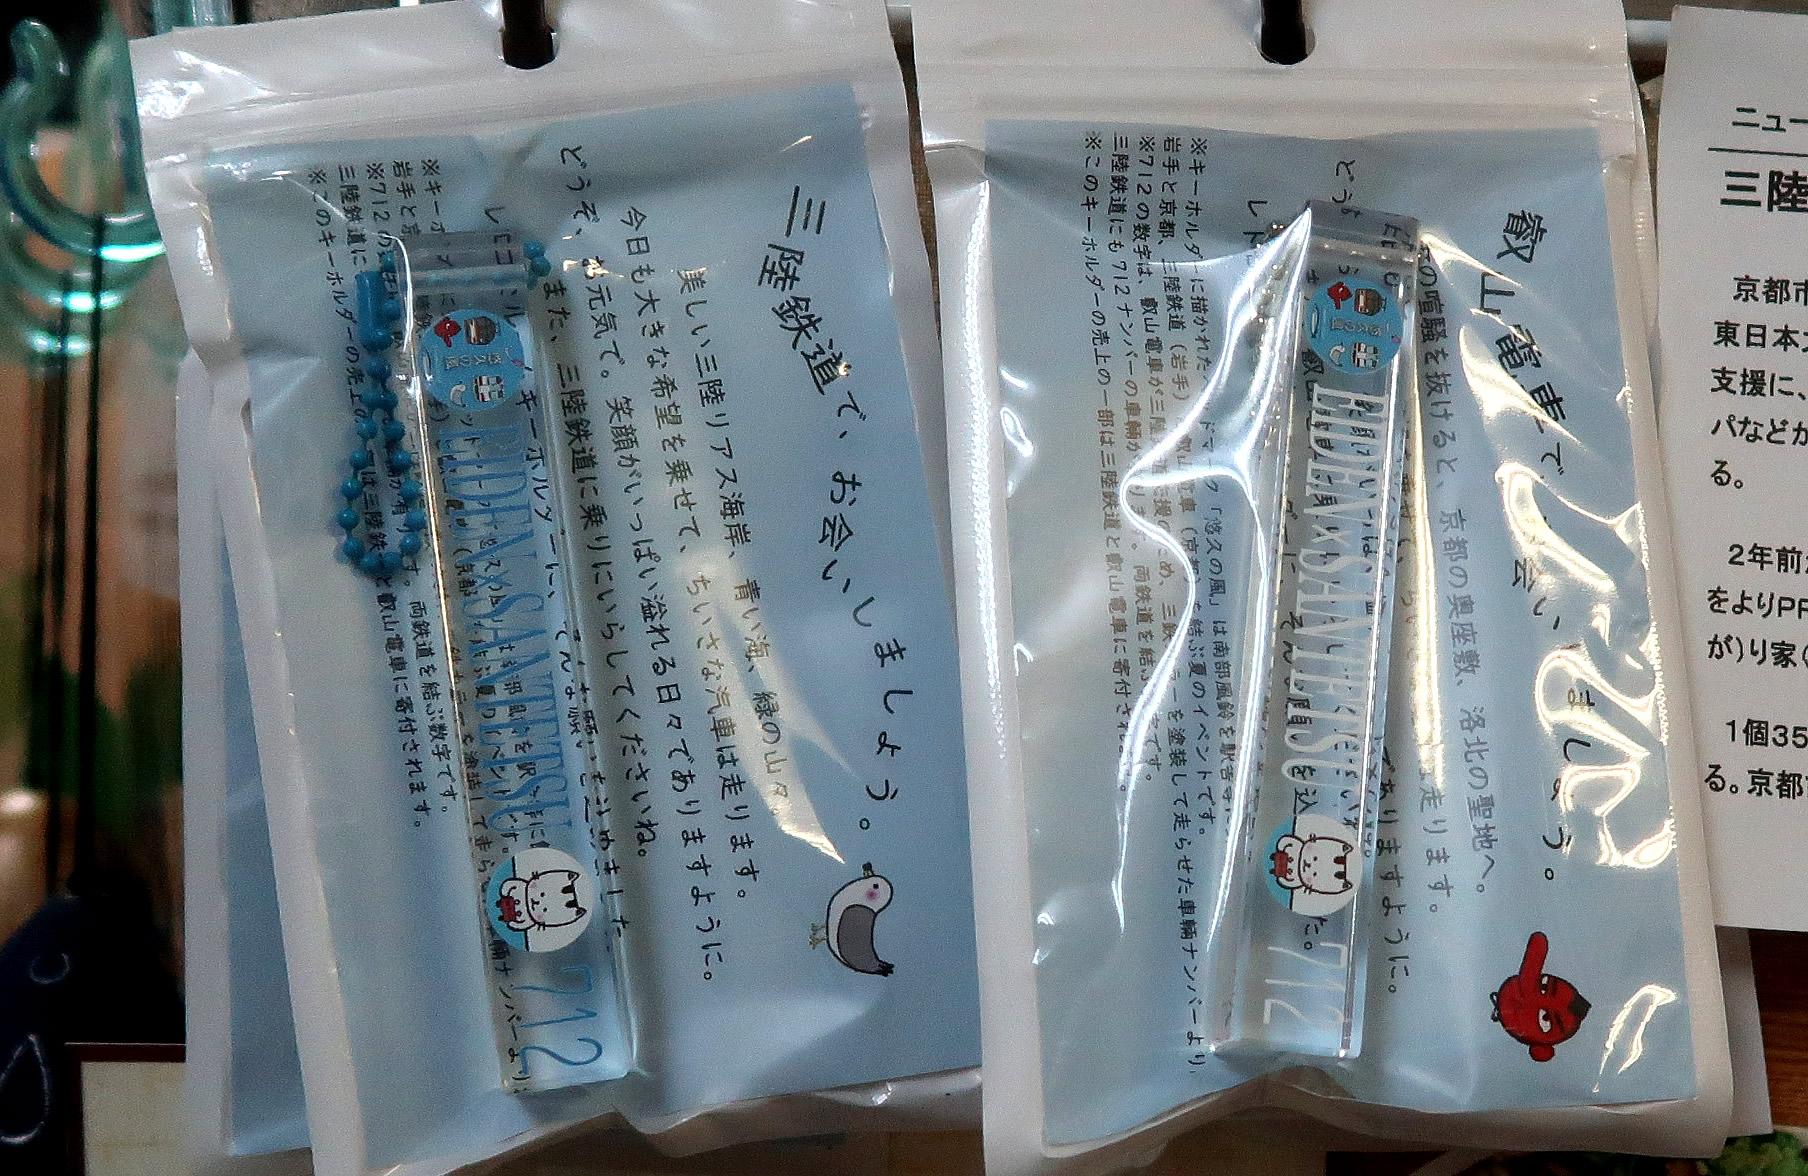 叡電×三鉄コラボのキーホルダー